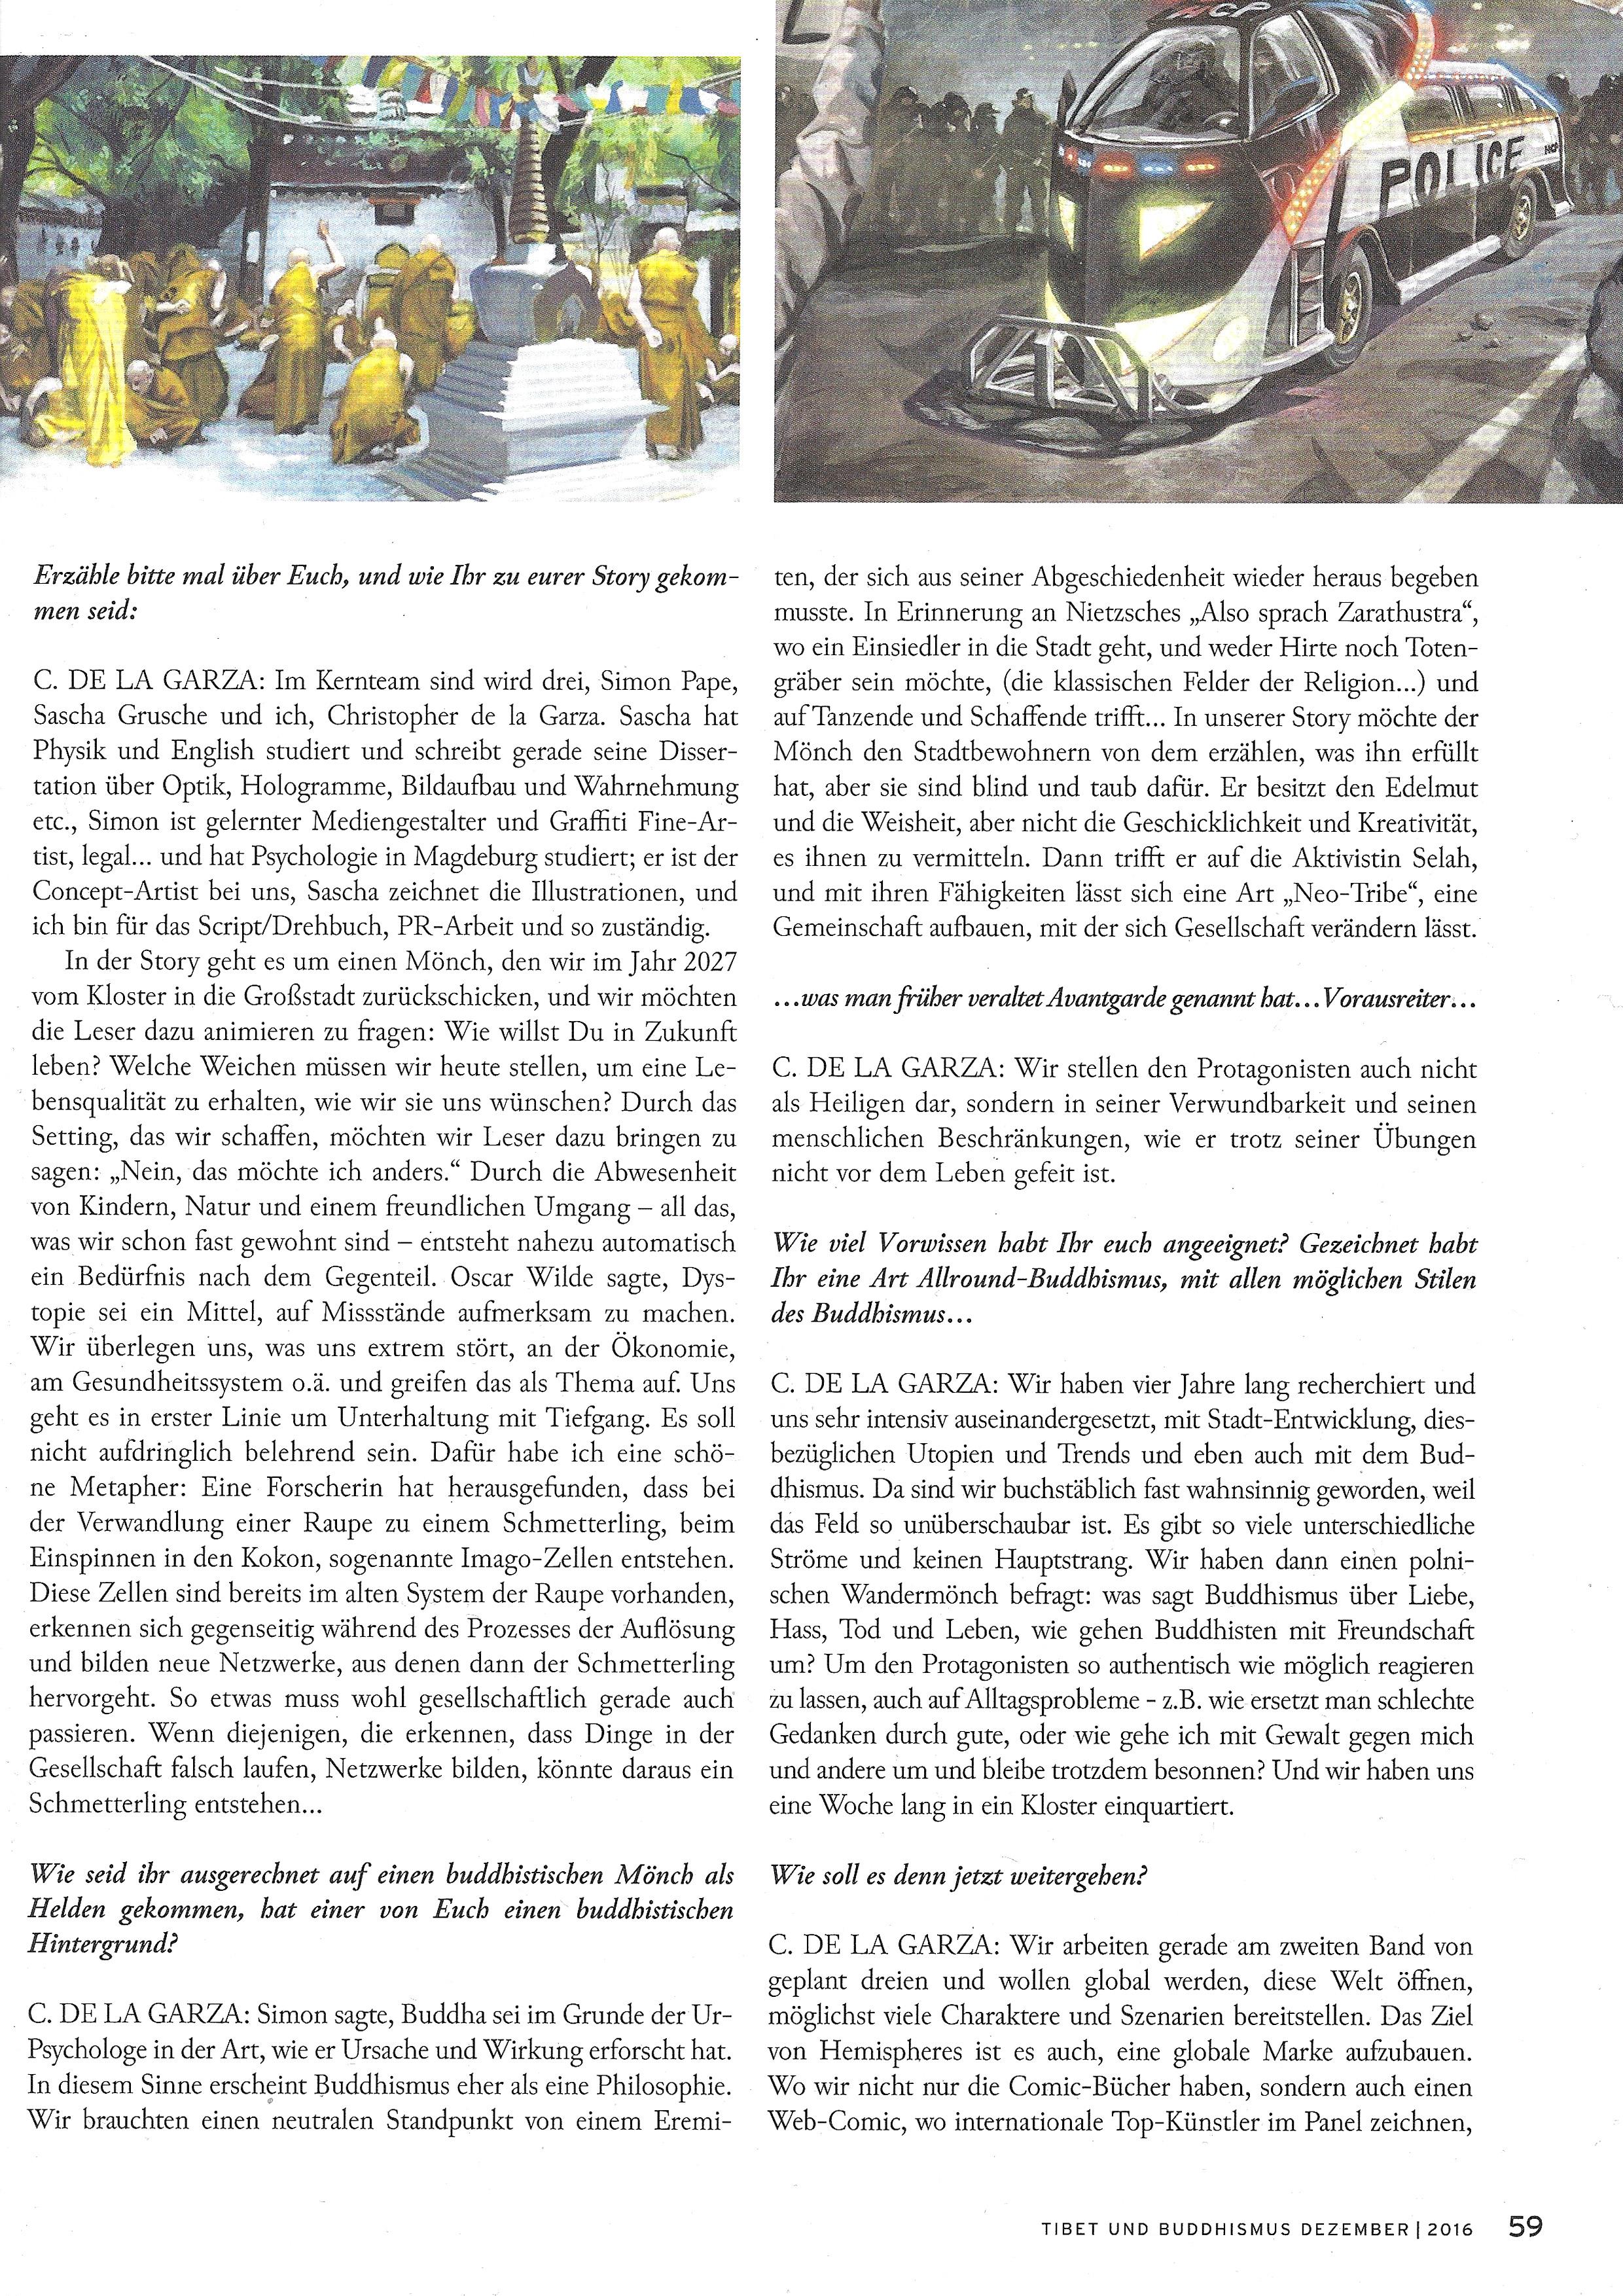 Hemispheres World Tibet und Buddhismus Magazin Dezember 2016 Seite 2